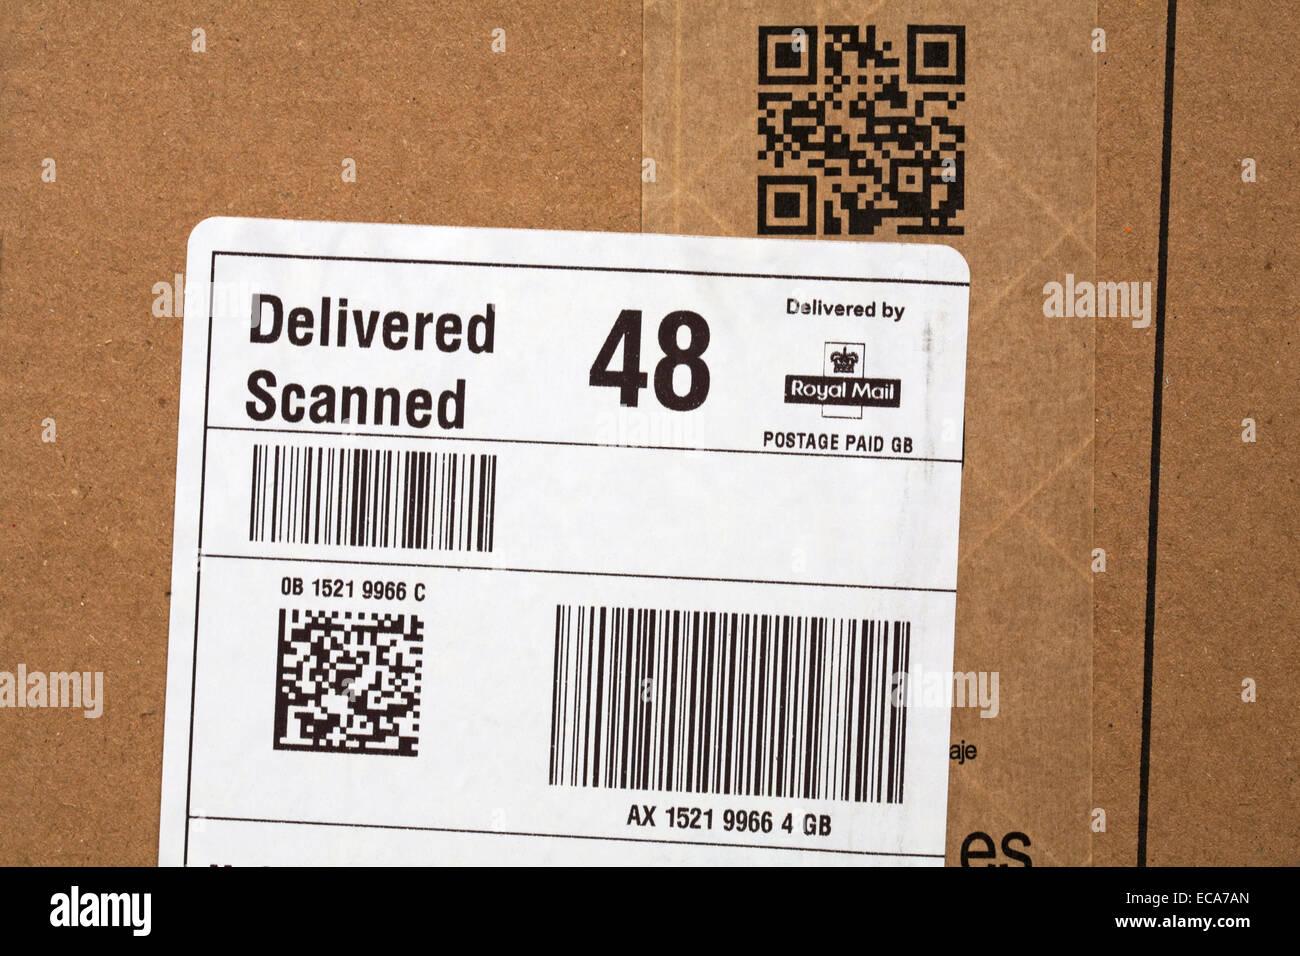 Numérisé livré, Livré par Royal Mail et scan moi sur parcelle d'Amazon Photo Stock